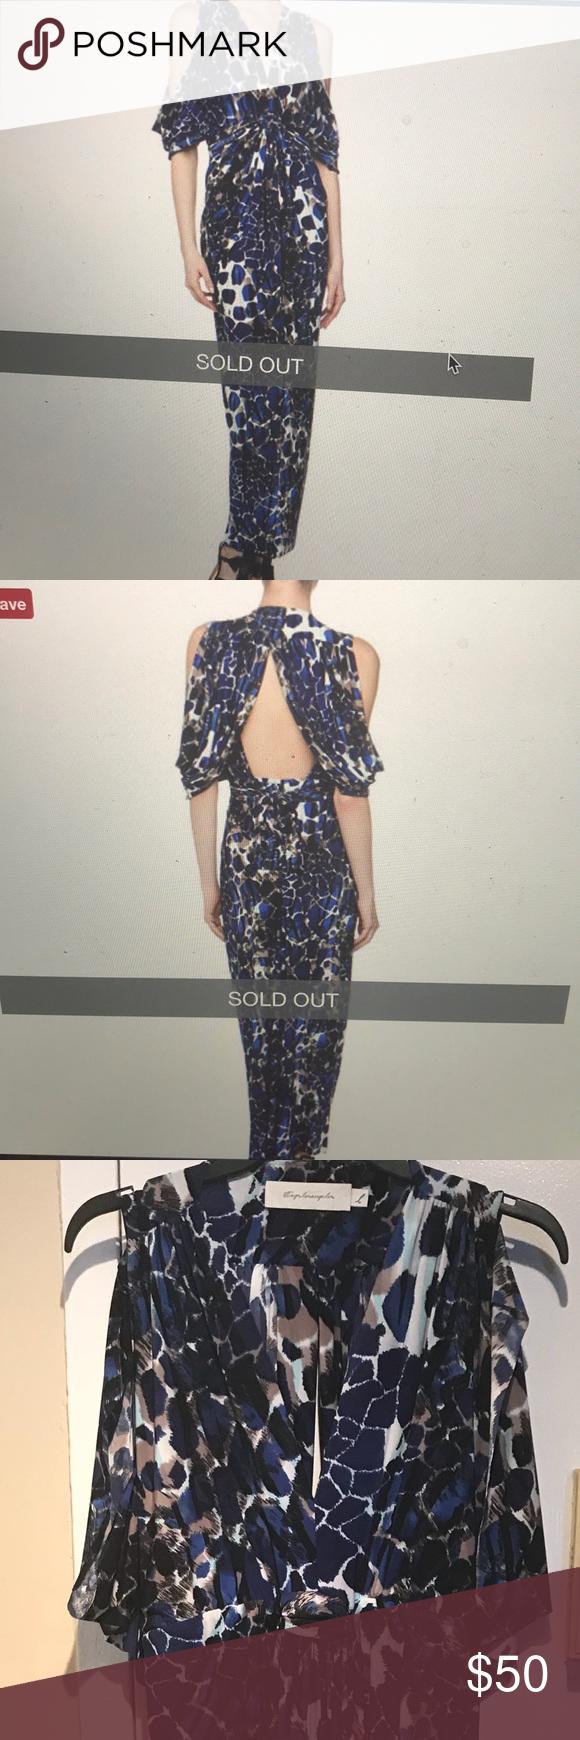 Maxi dress stretch graphic print maxi dress deep v neckline